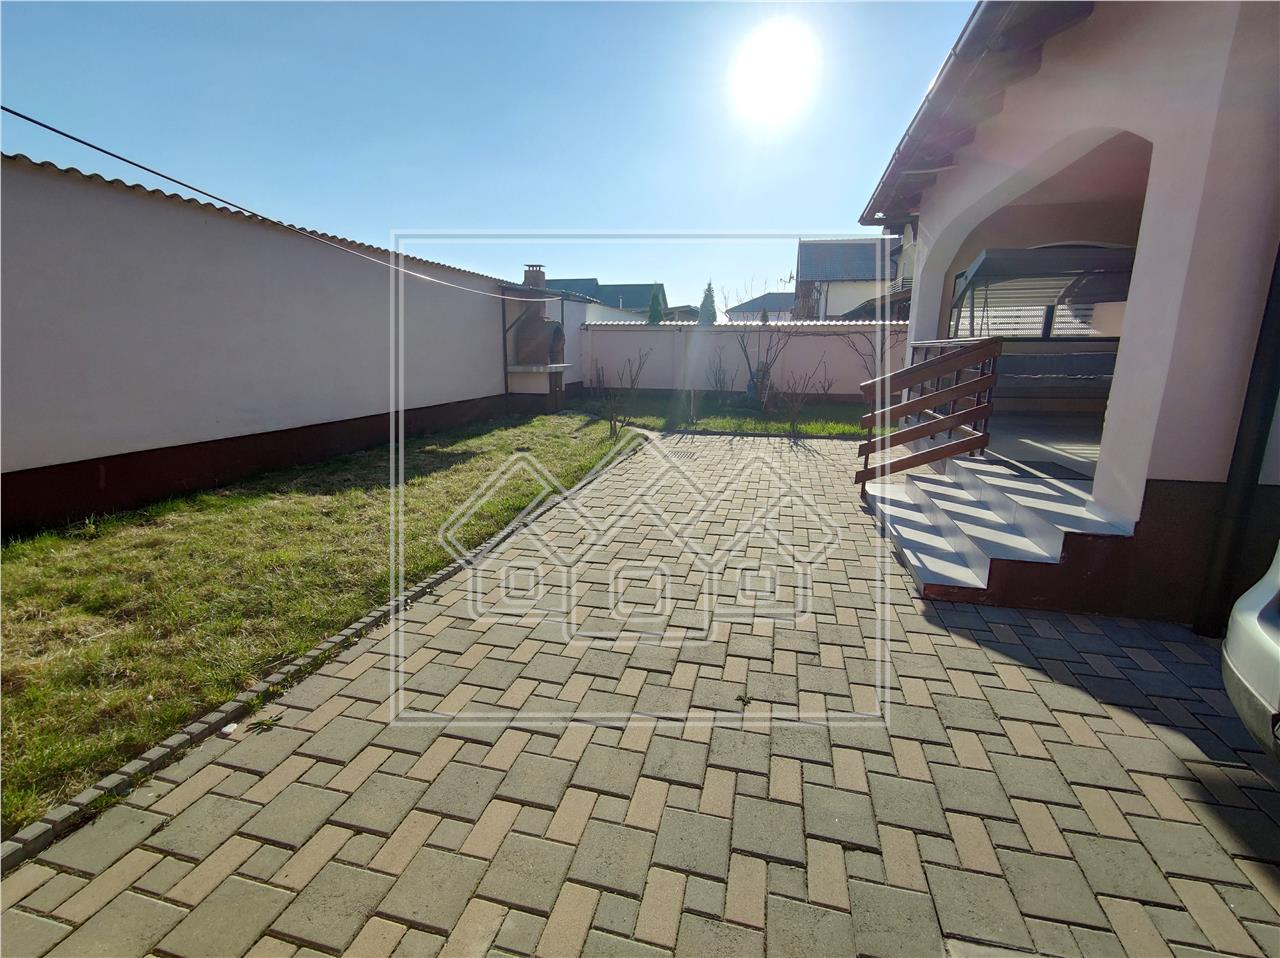 Casa de inchiriat in Sibiu - individuala - curte mare - moderna